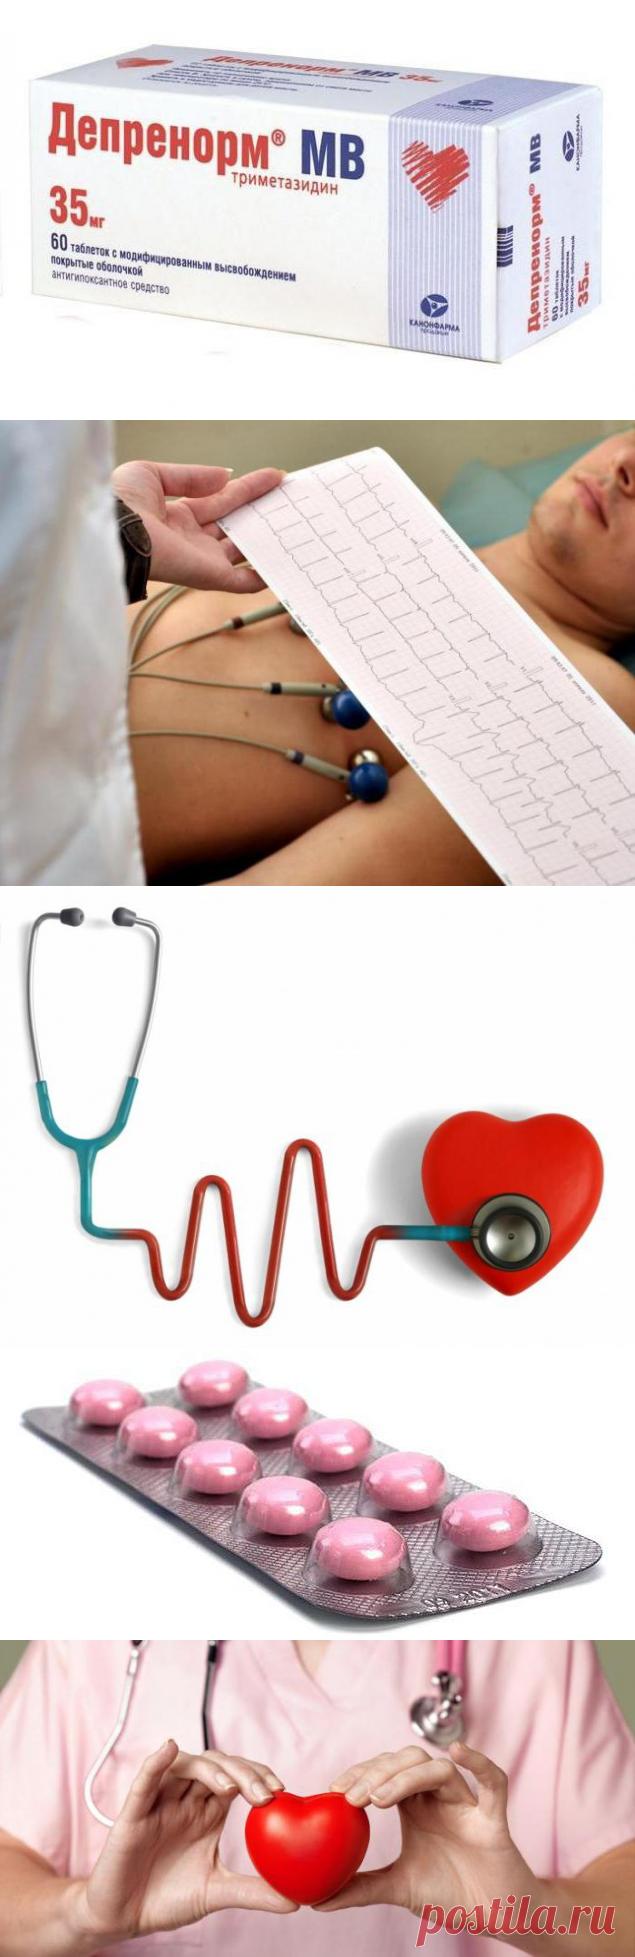 Отзывы о сердечно-сосудистое средство канонфарма продакшн.